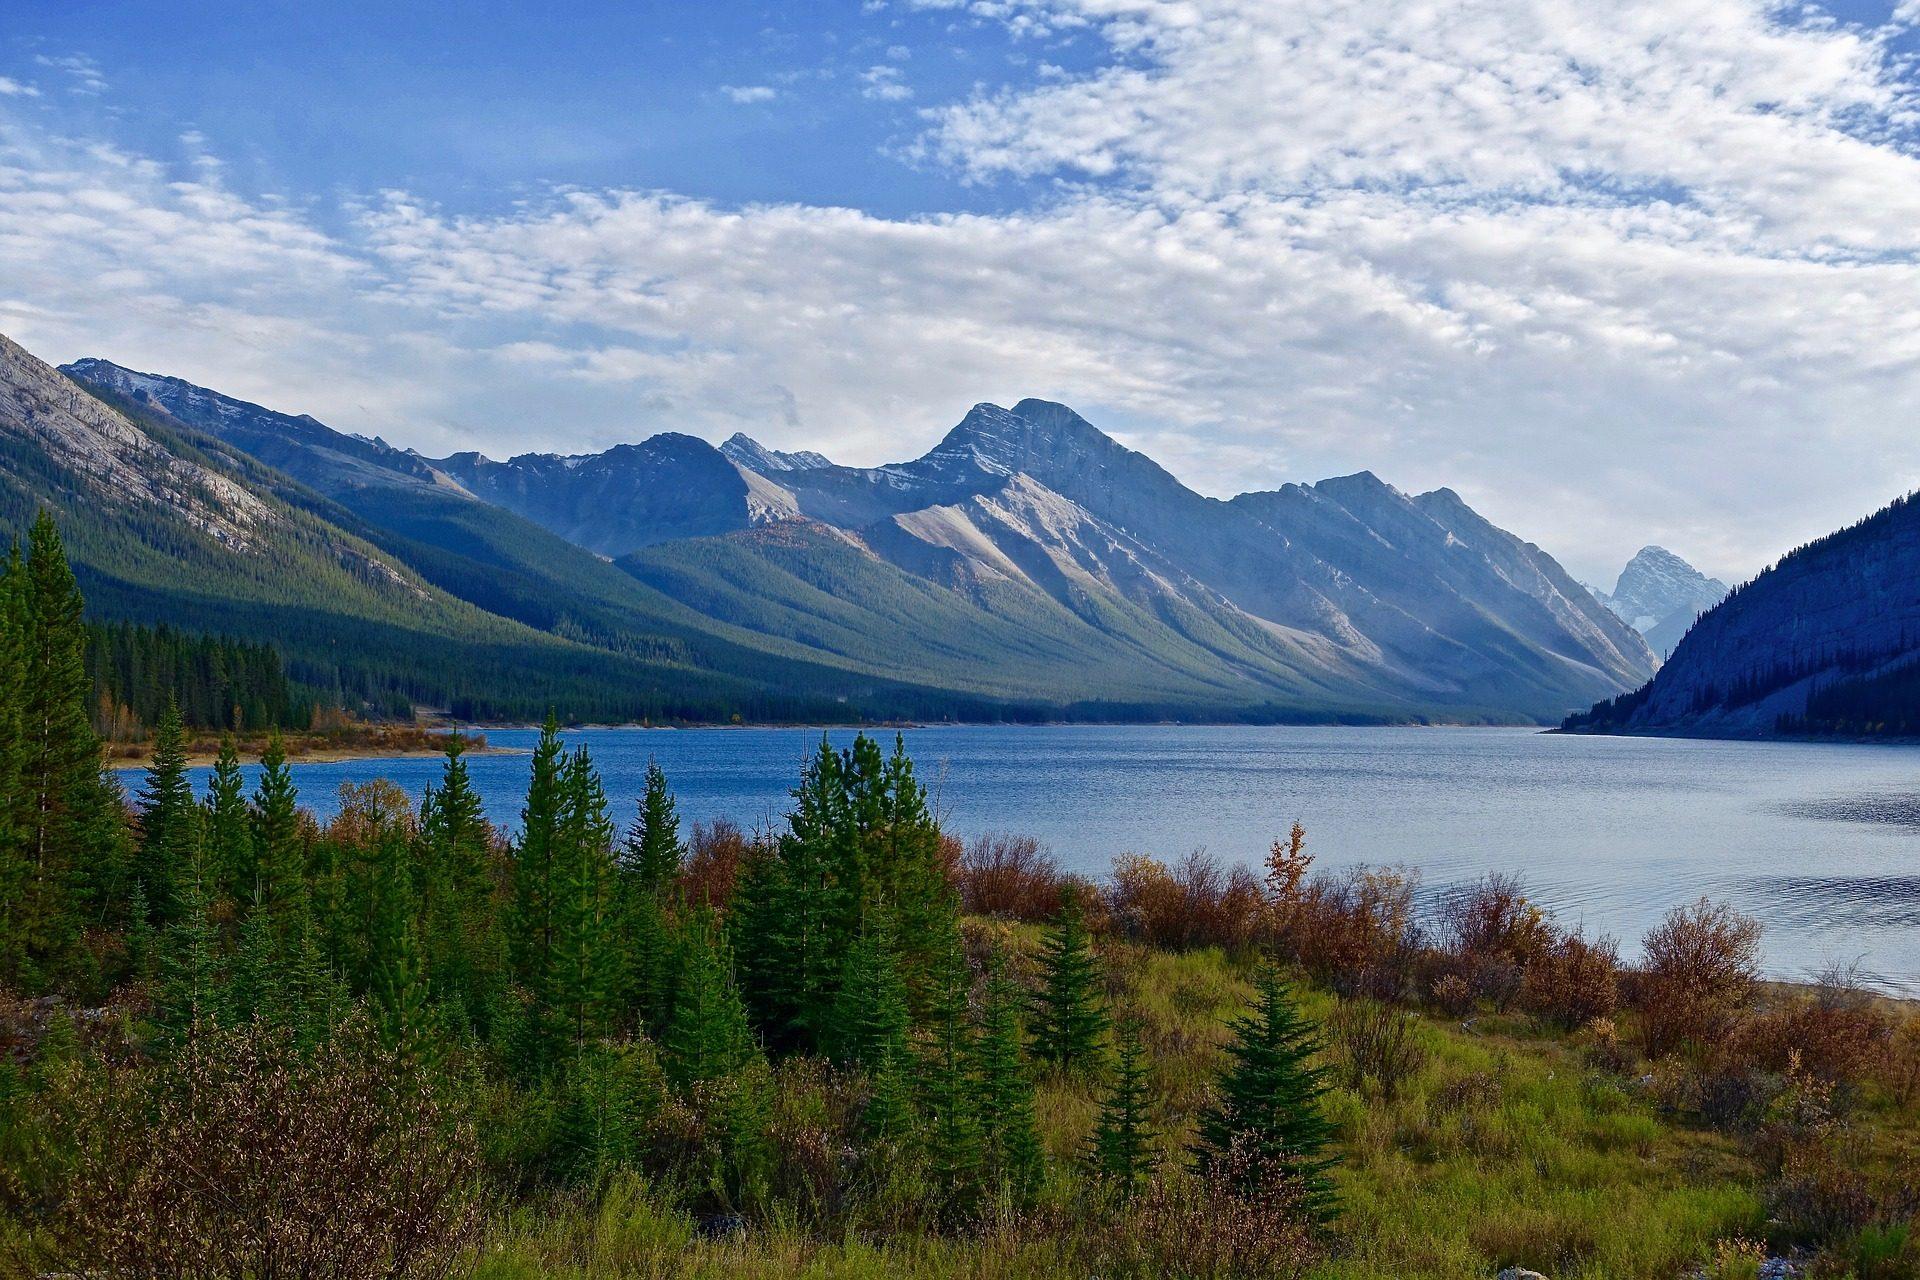 montañas, lago, pinos, árboles, calma, serenidad - Fondos de Pantalla HD - professor-falken.com